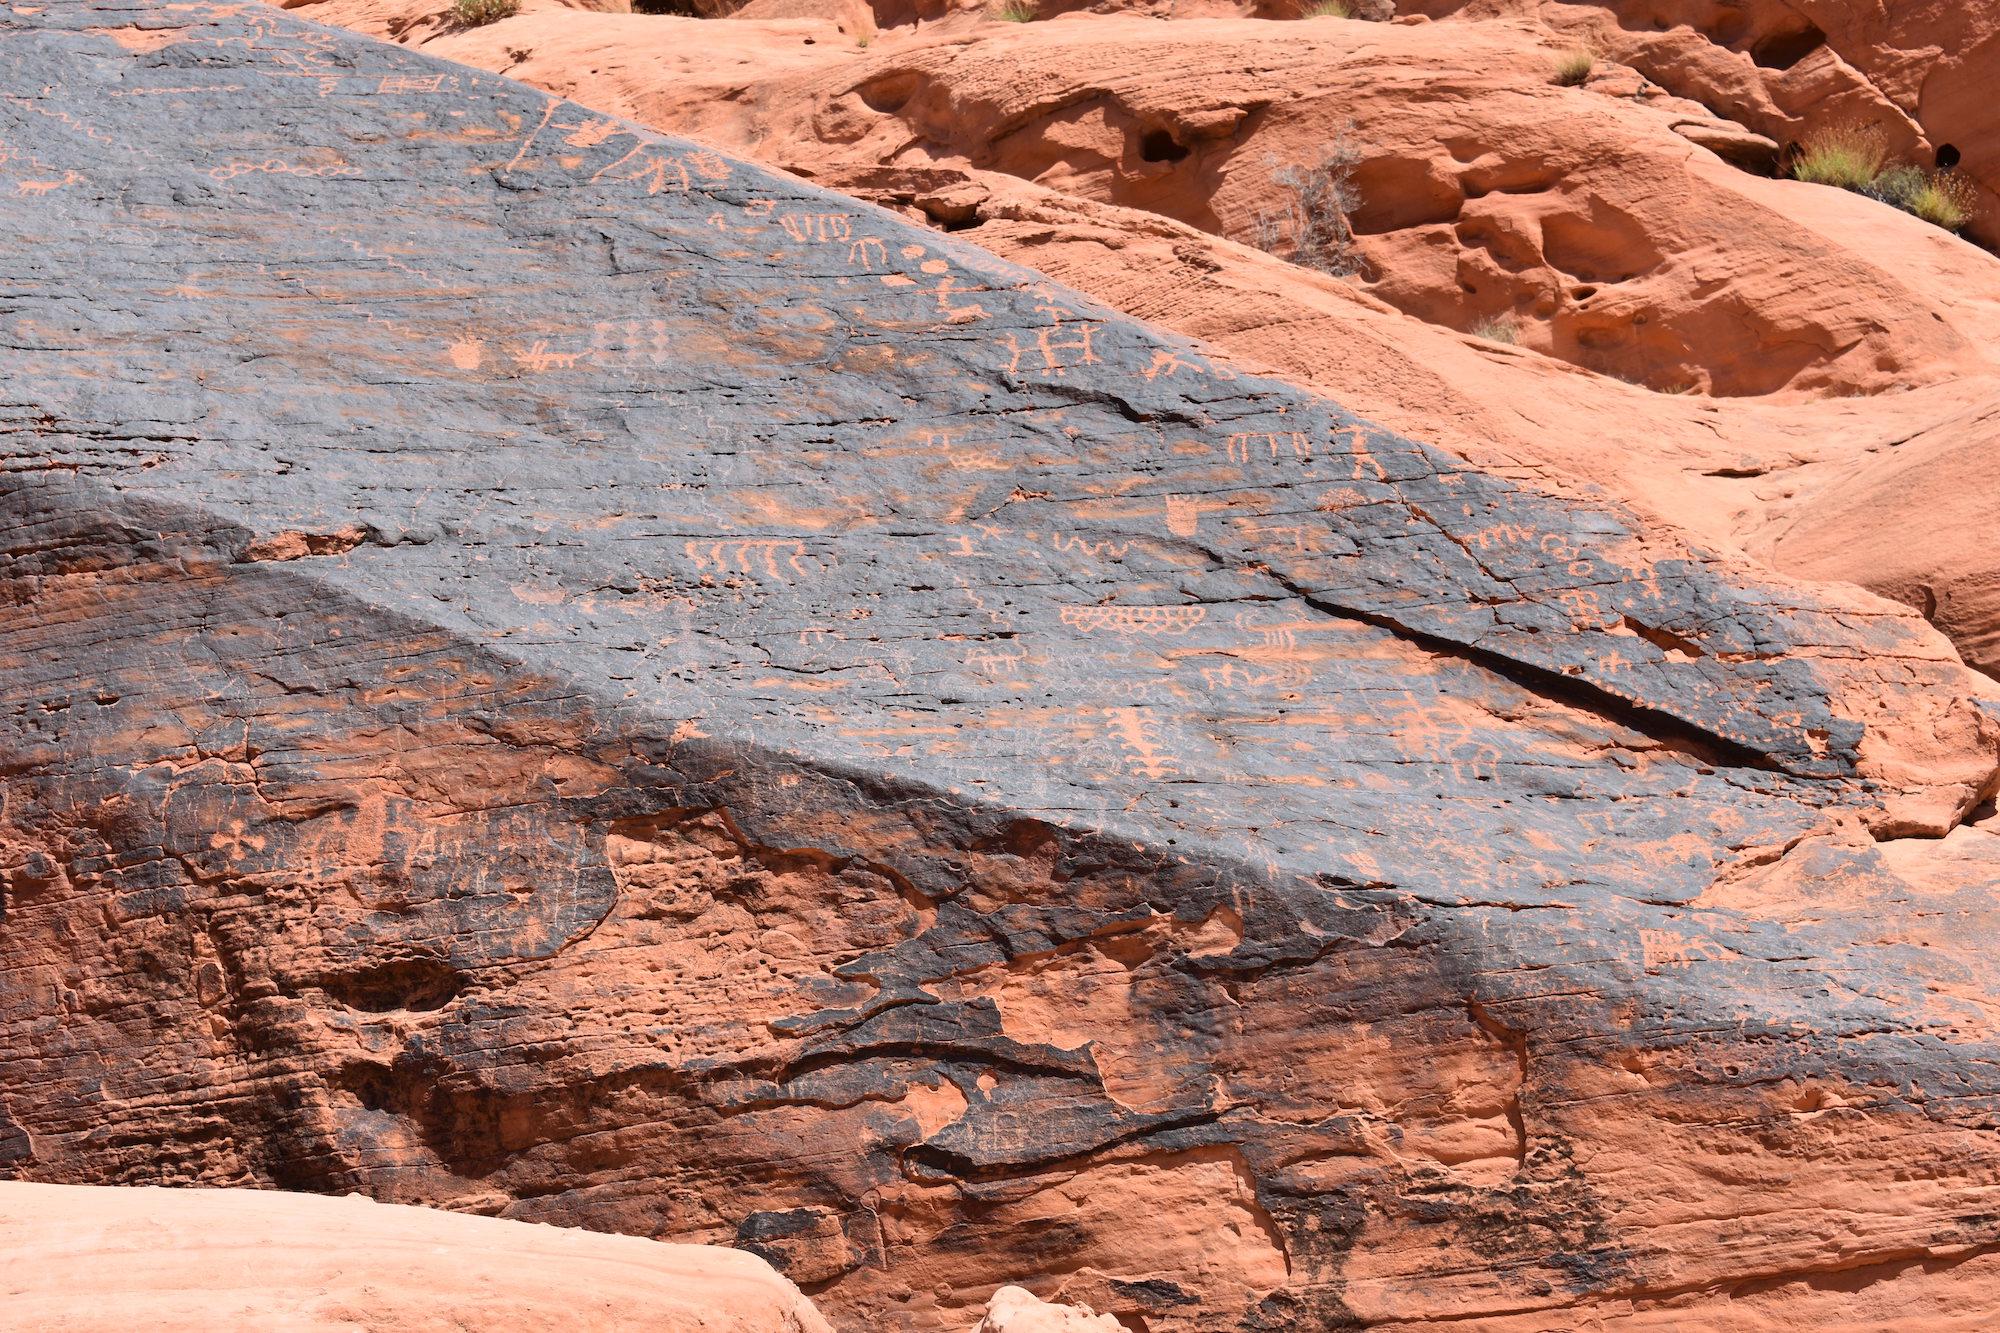 Petroglyphs on rock